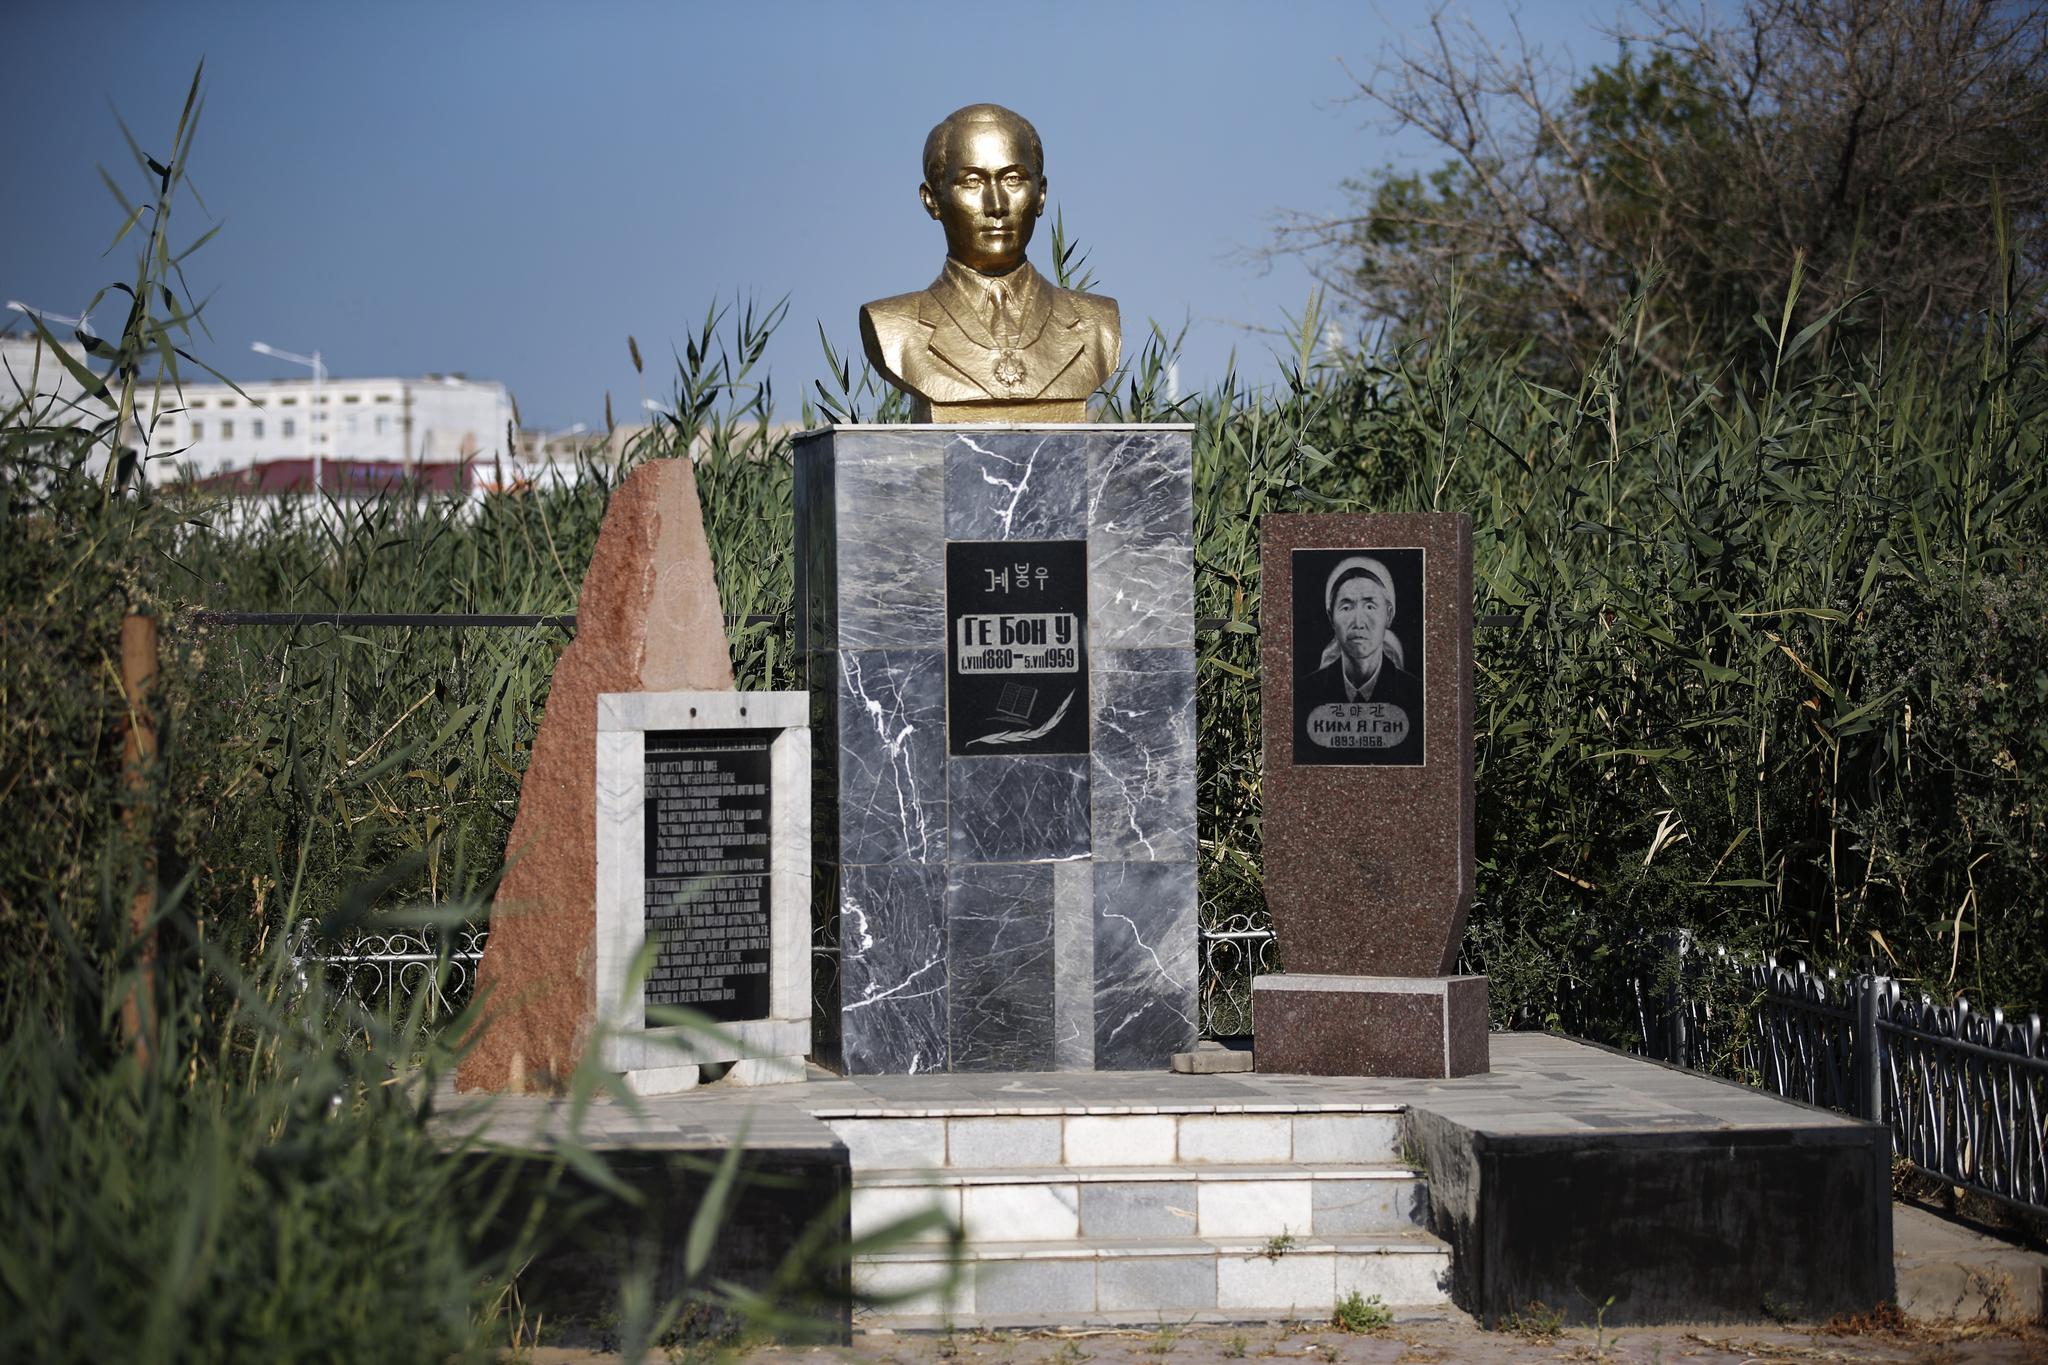 21일 오후 고국으로 유해가 봉환된 독립유공자 계봉우 지사와 부인 김야간 여사가 묻혔던 카자흐스탄 크즐오르다 묘소의 모습. [사진 계봉우 지사 유족]